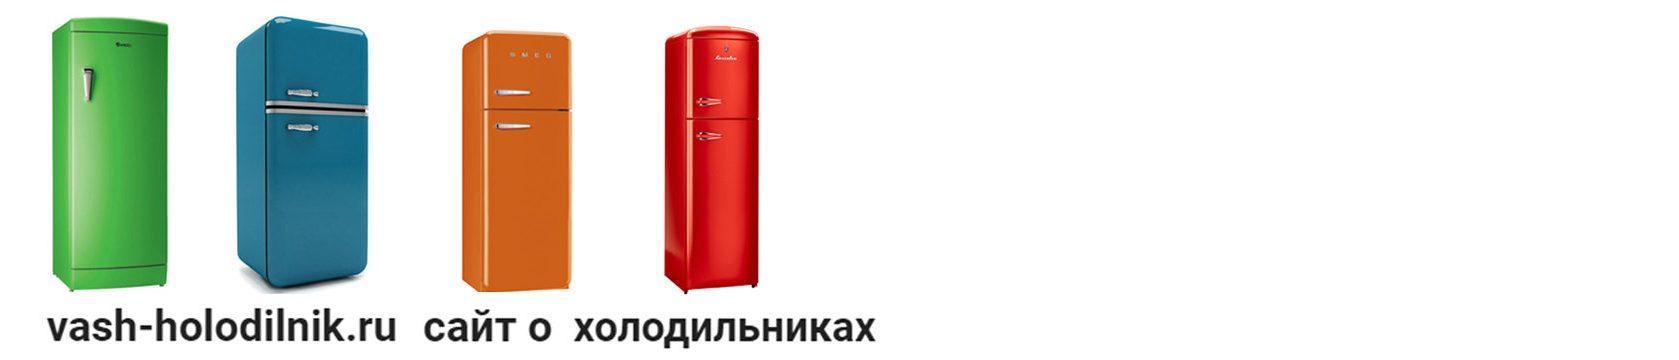 Сайт о холодильниках